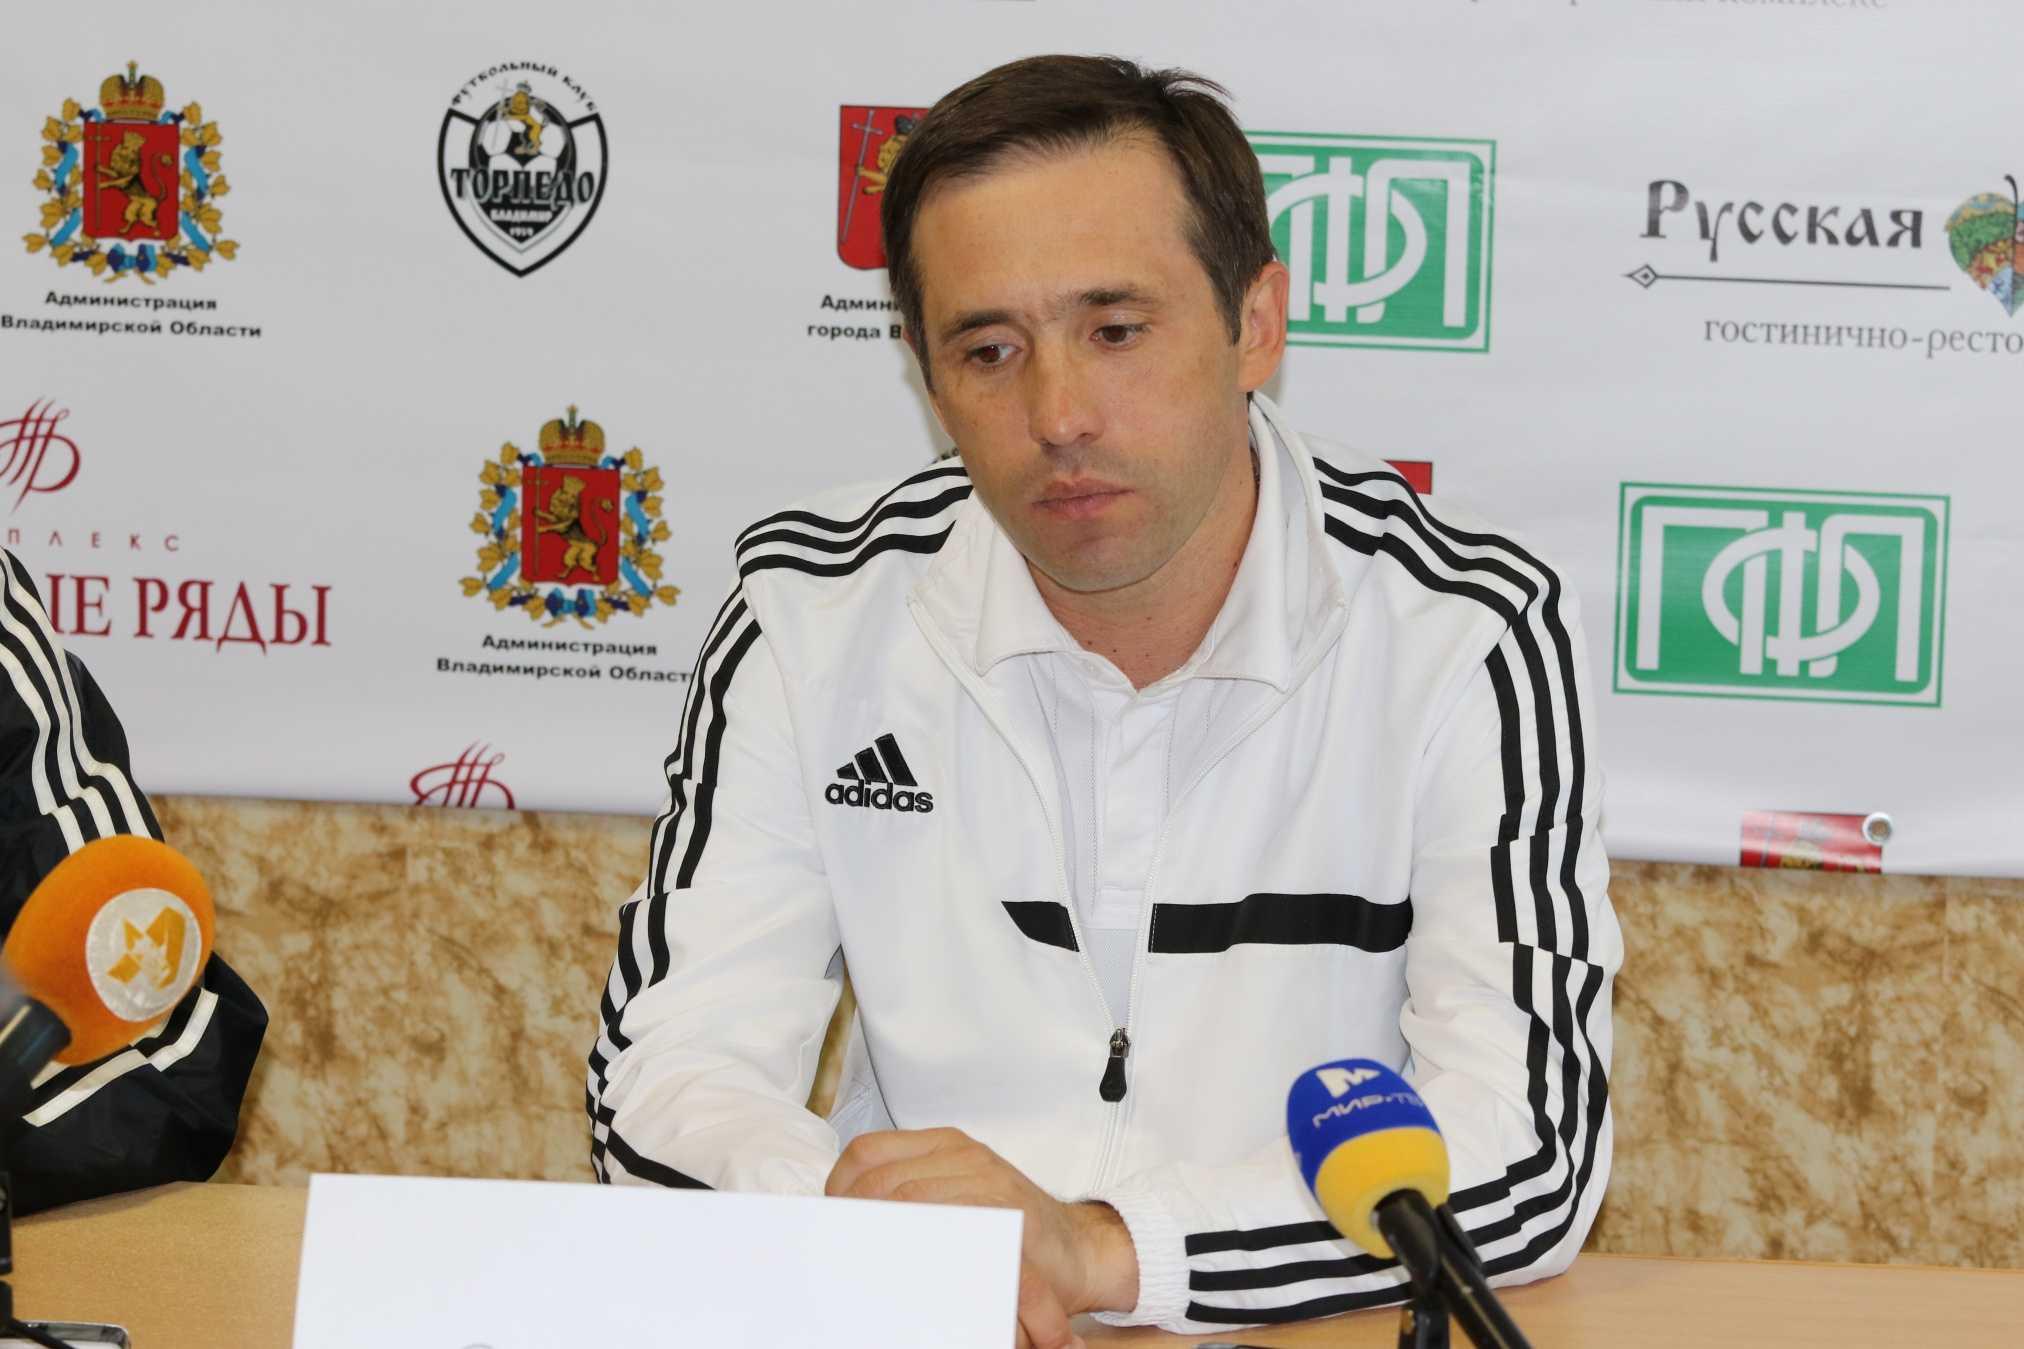 Главный тренер владимирского «Торпедо» покинул собственный пост накануне важного матча